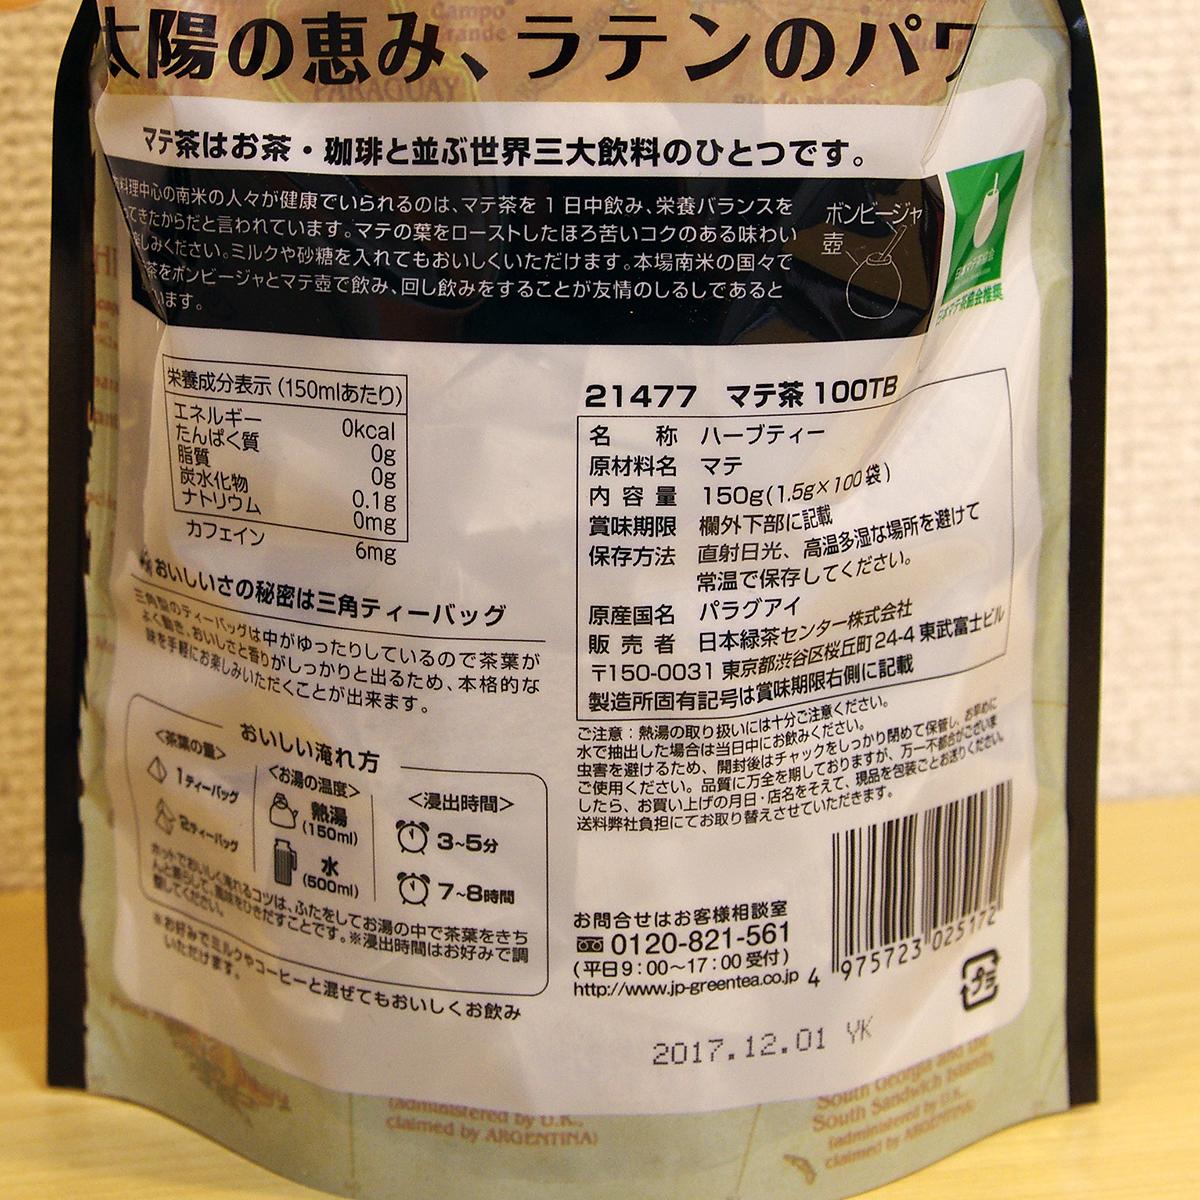 日本緑茶センター株式会社 マテ茶 ハーブティー (100袋 税込988円)